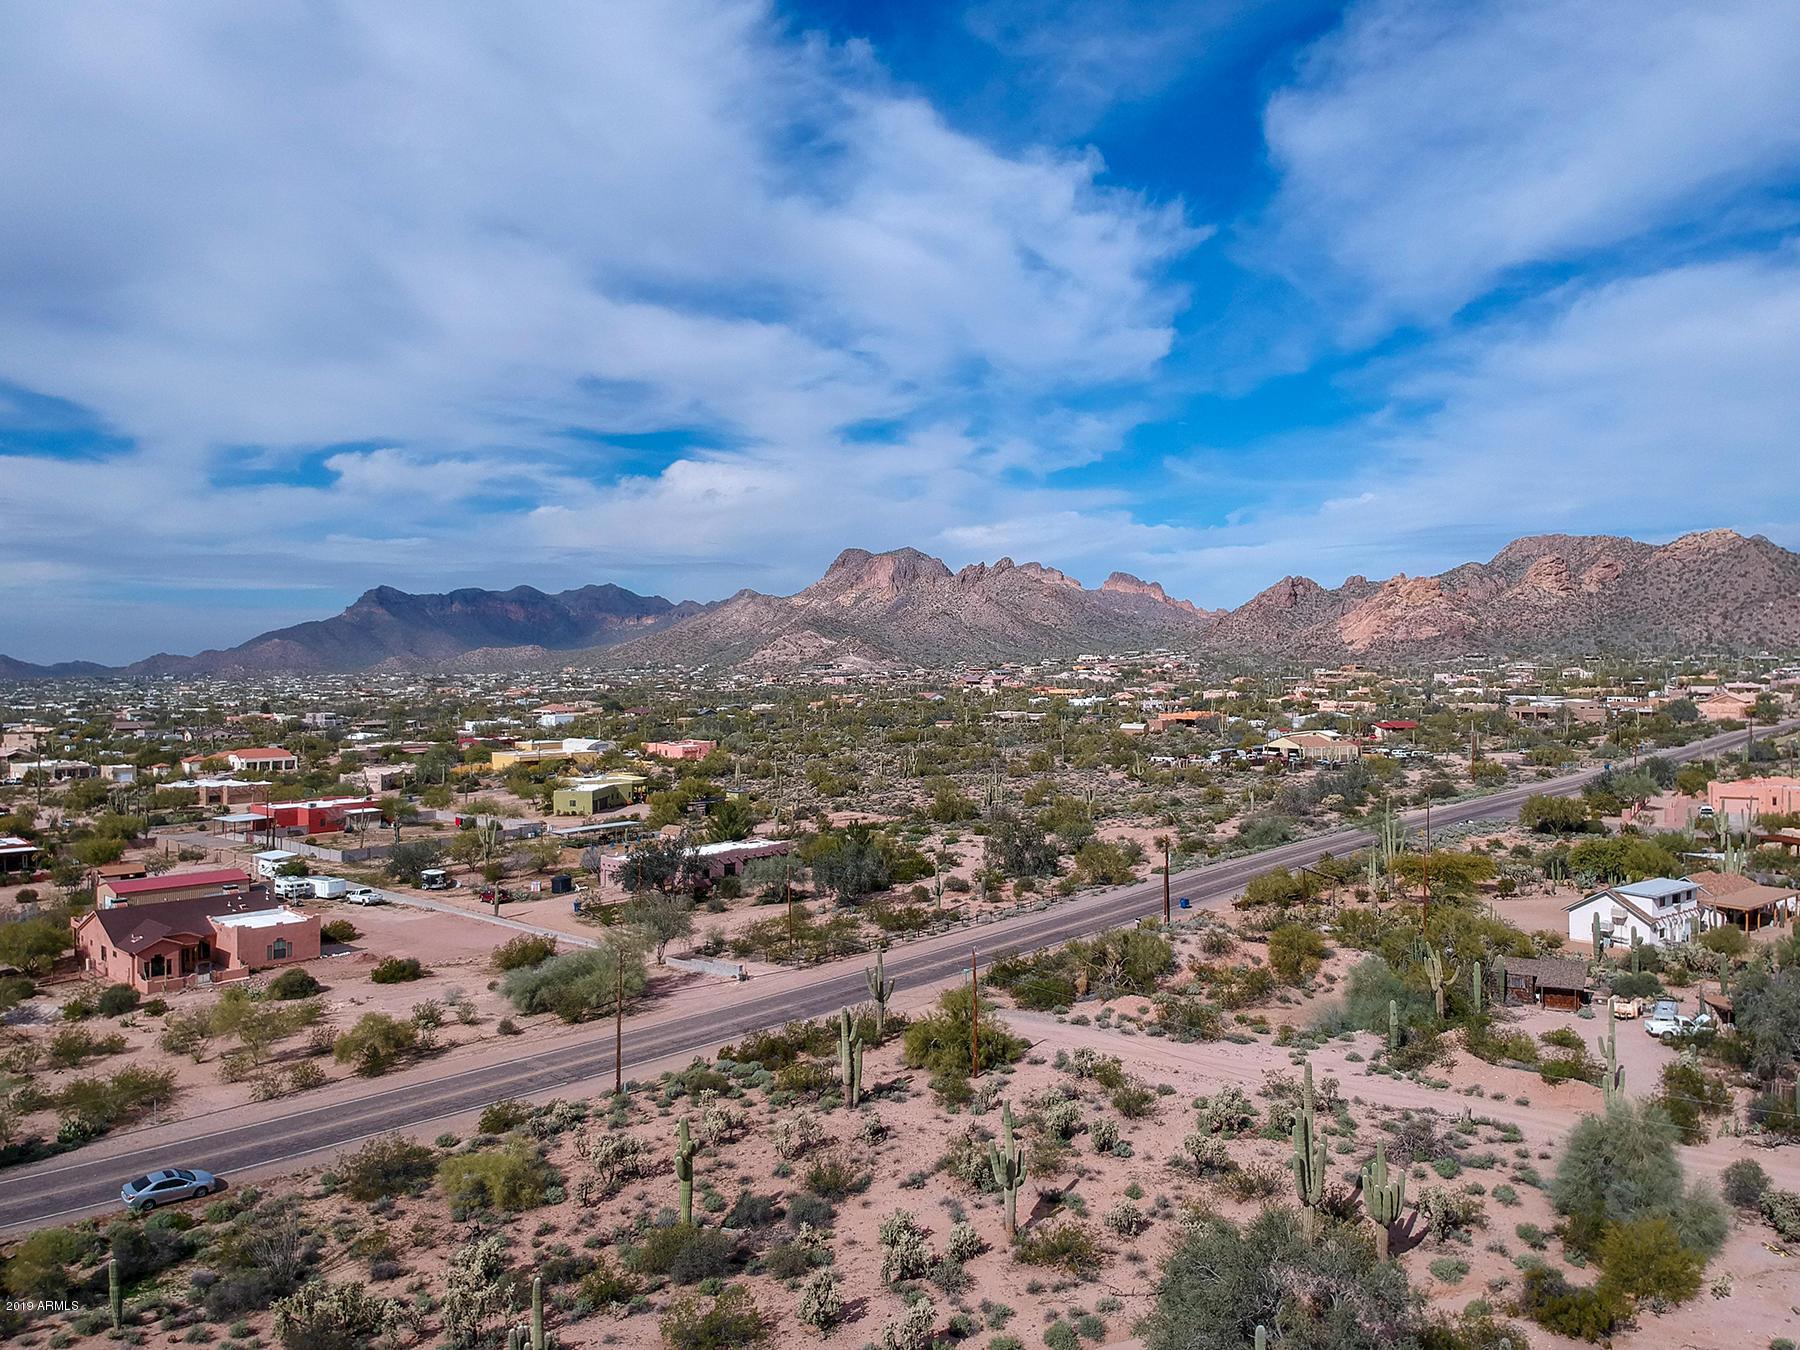 MLS 5940977 4173 N WOLVERINE PASS Road, Apache Junction, AZ 85119 Apache Junction AZ One Plus Acre Home